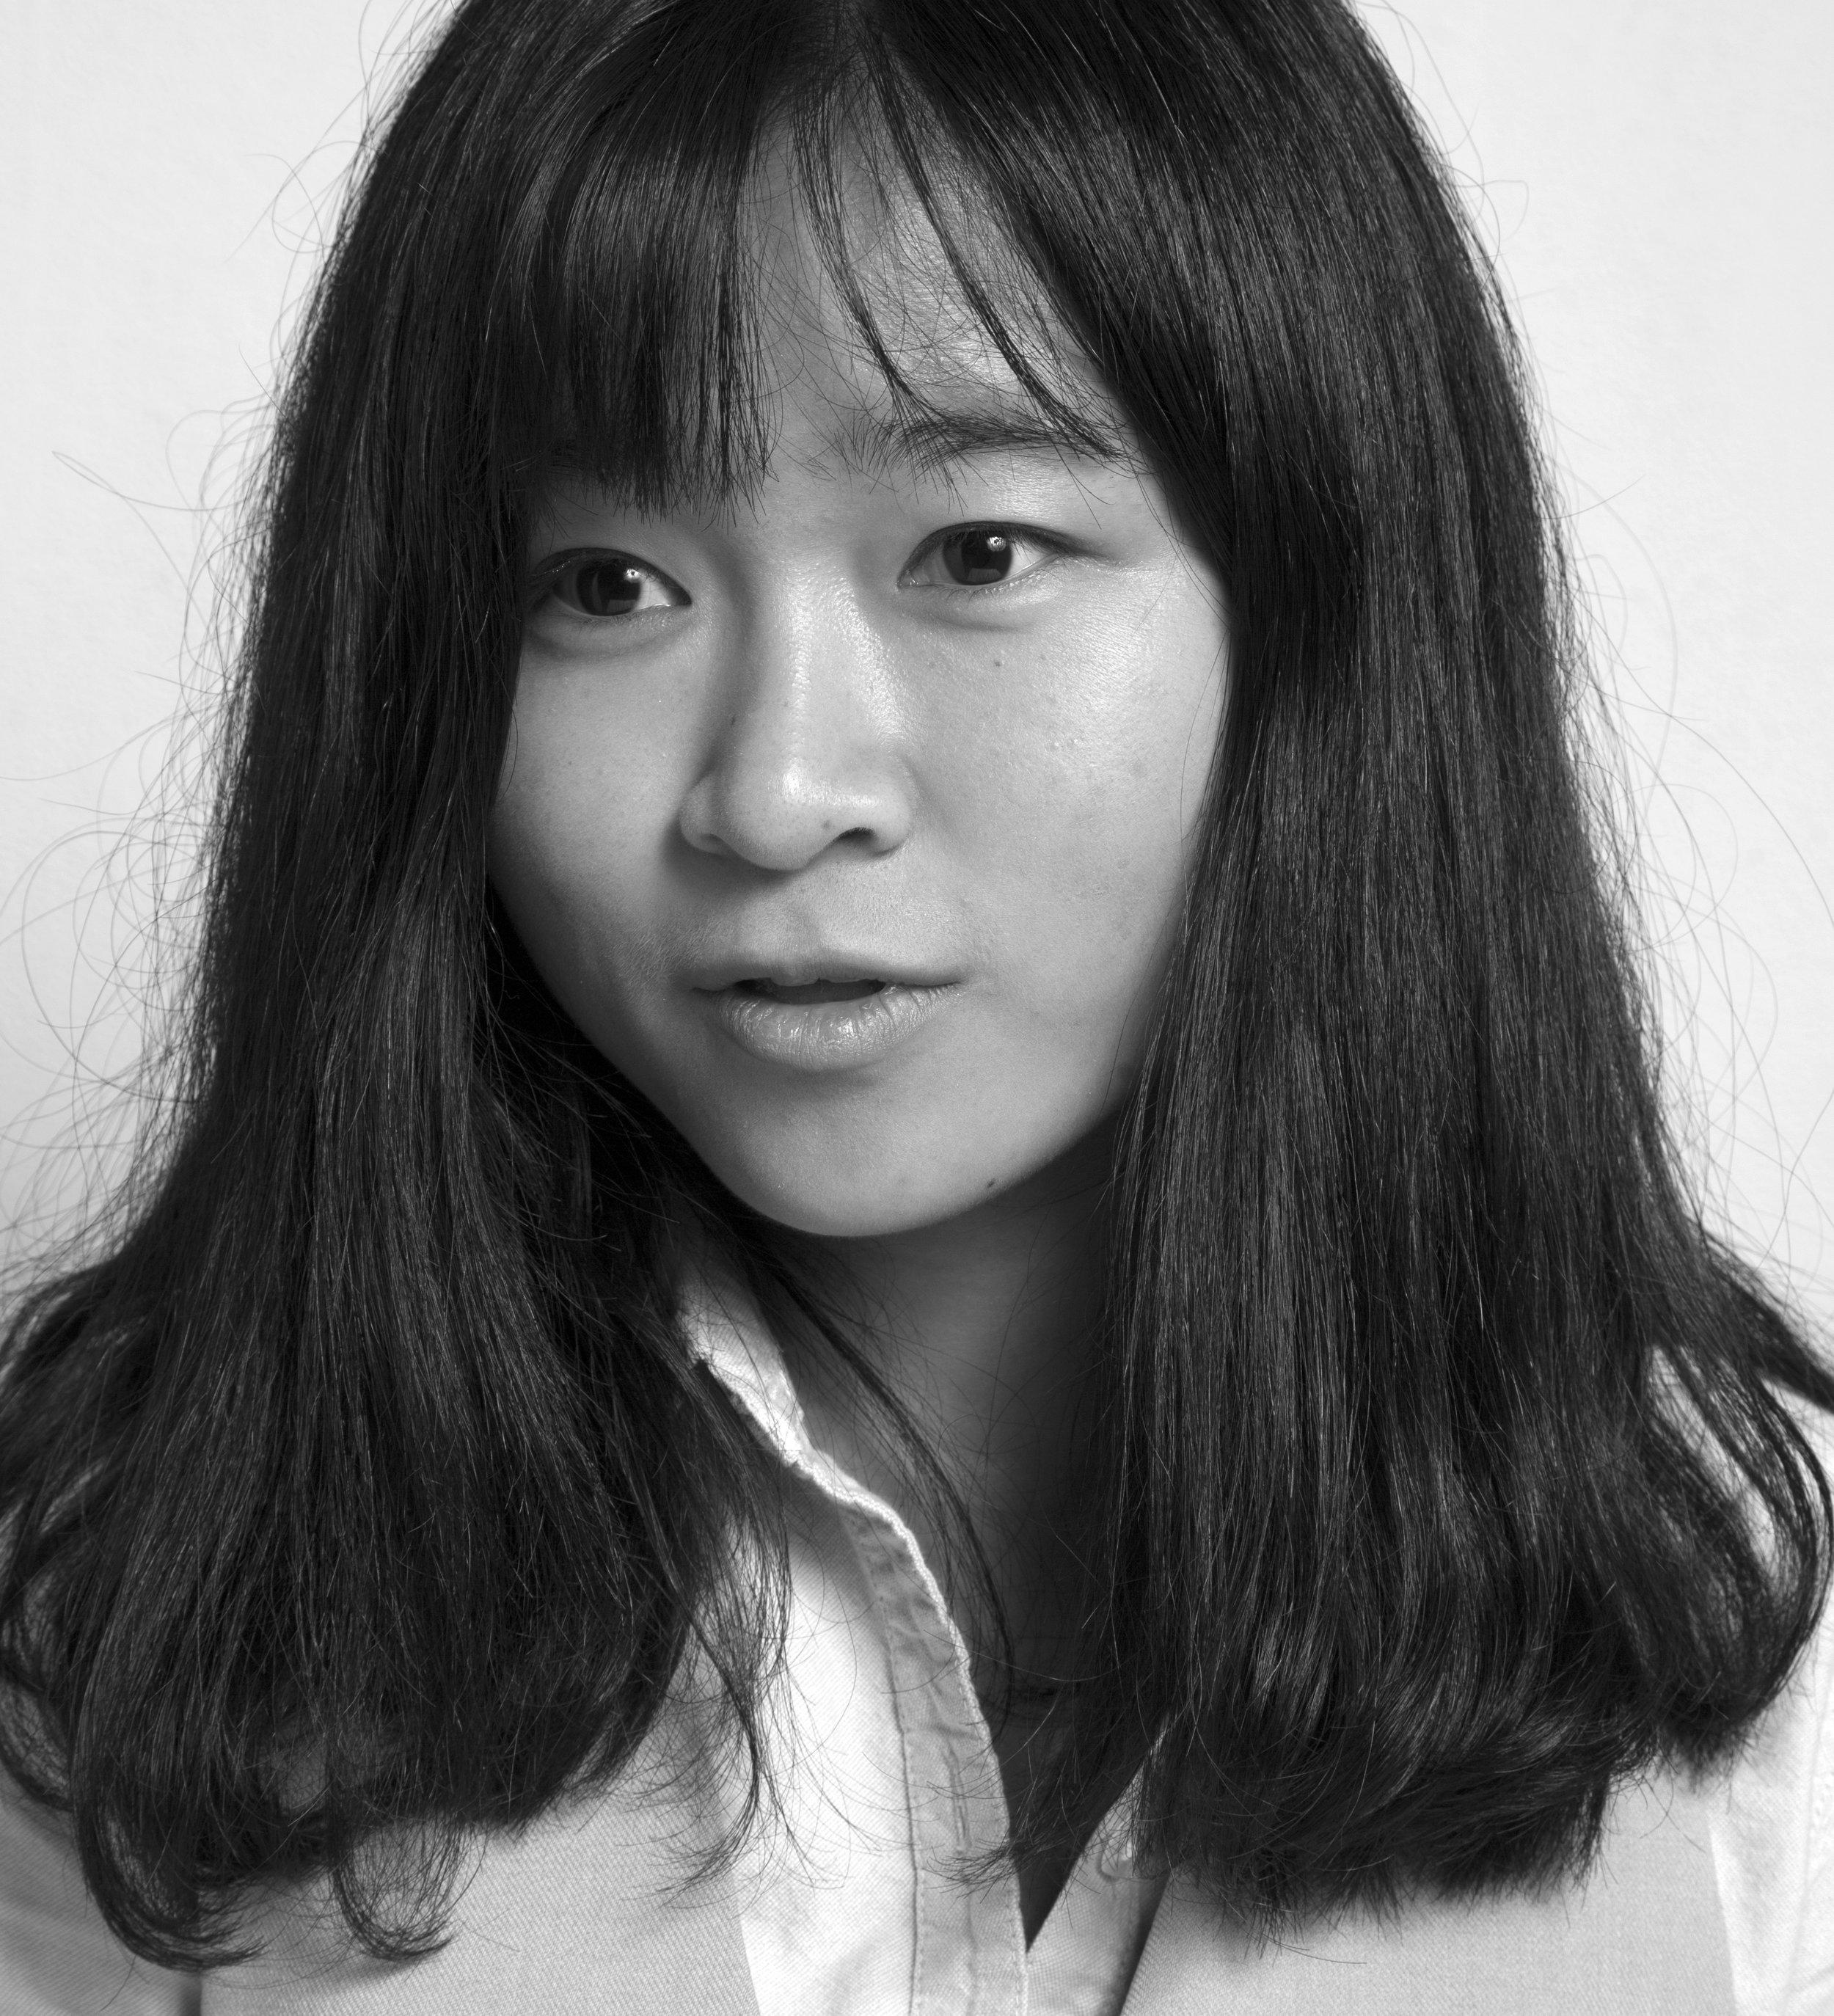 Rui Tang